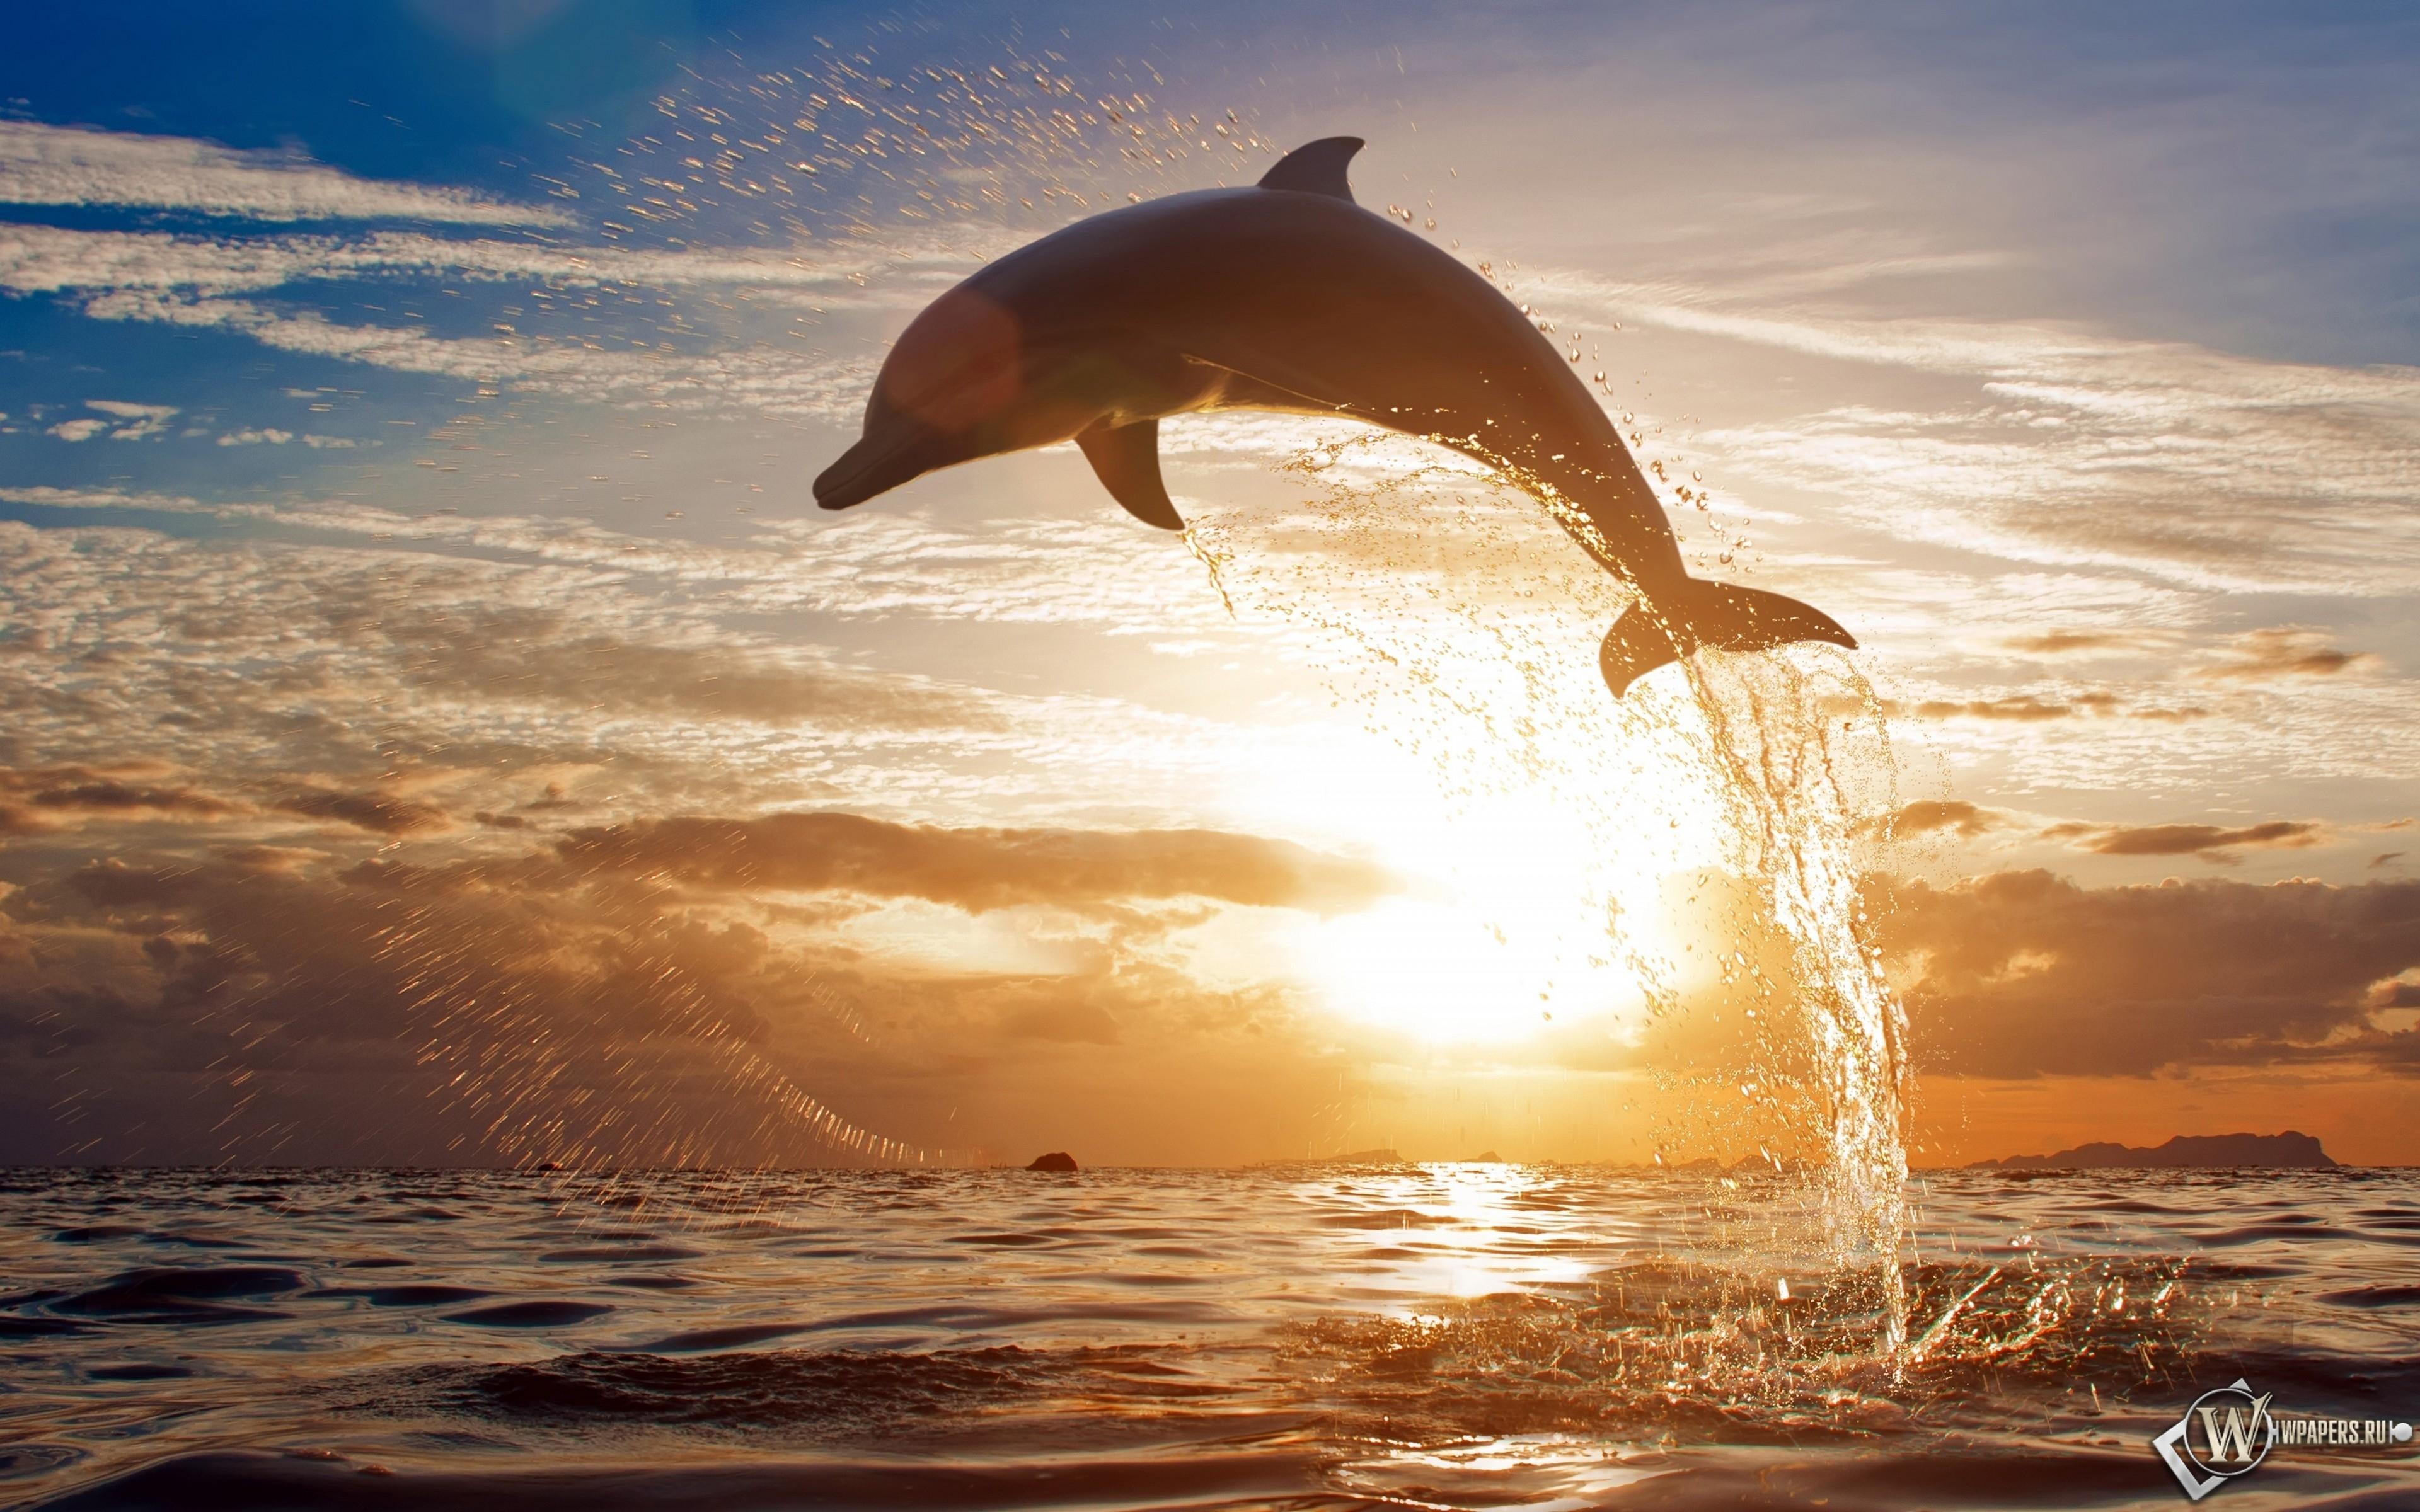 Прыжок дельфина 3840x2400